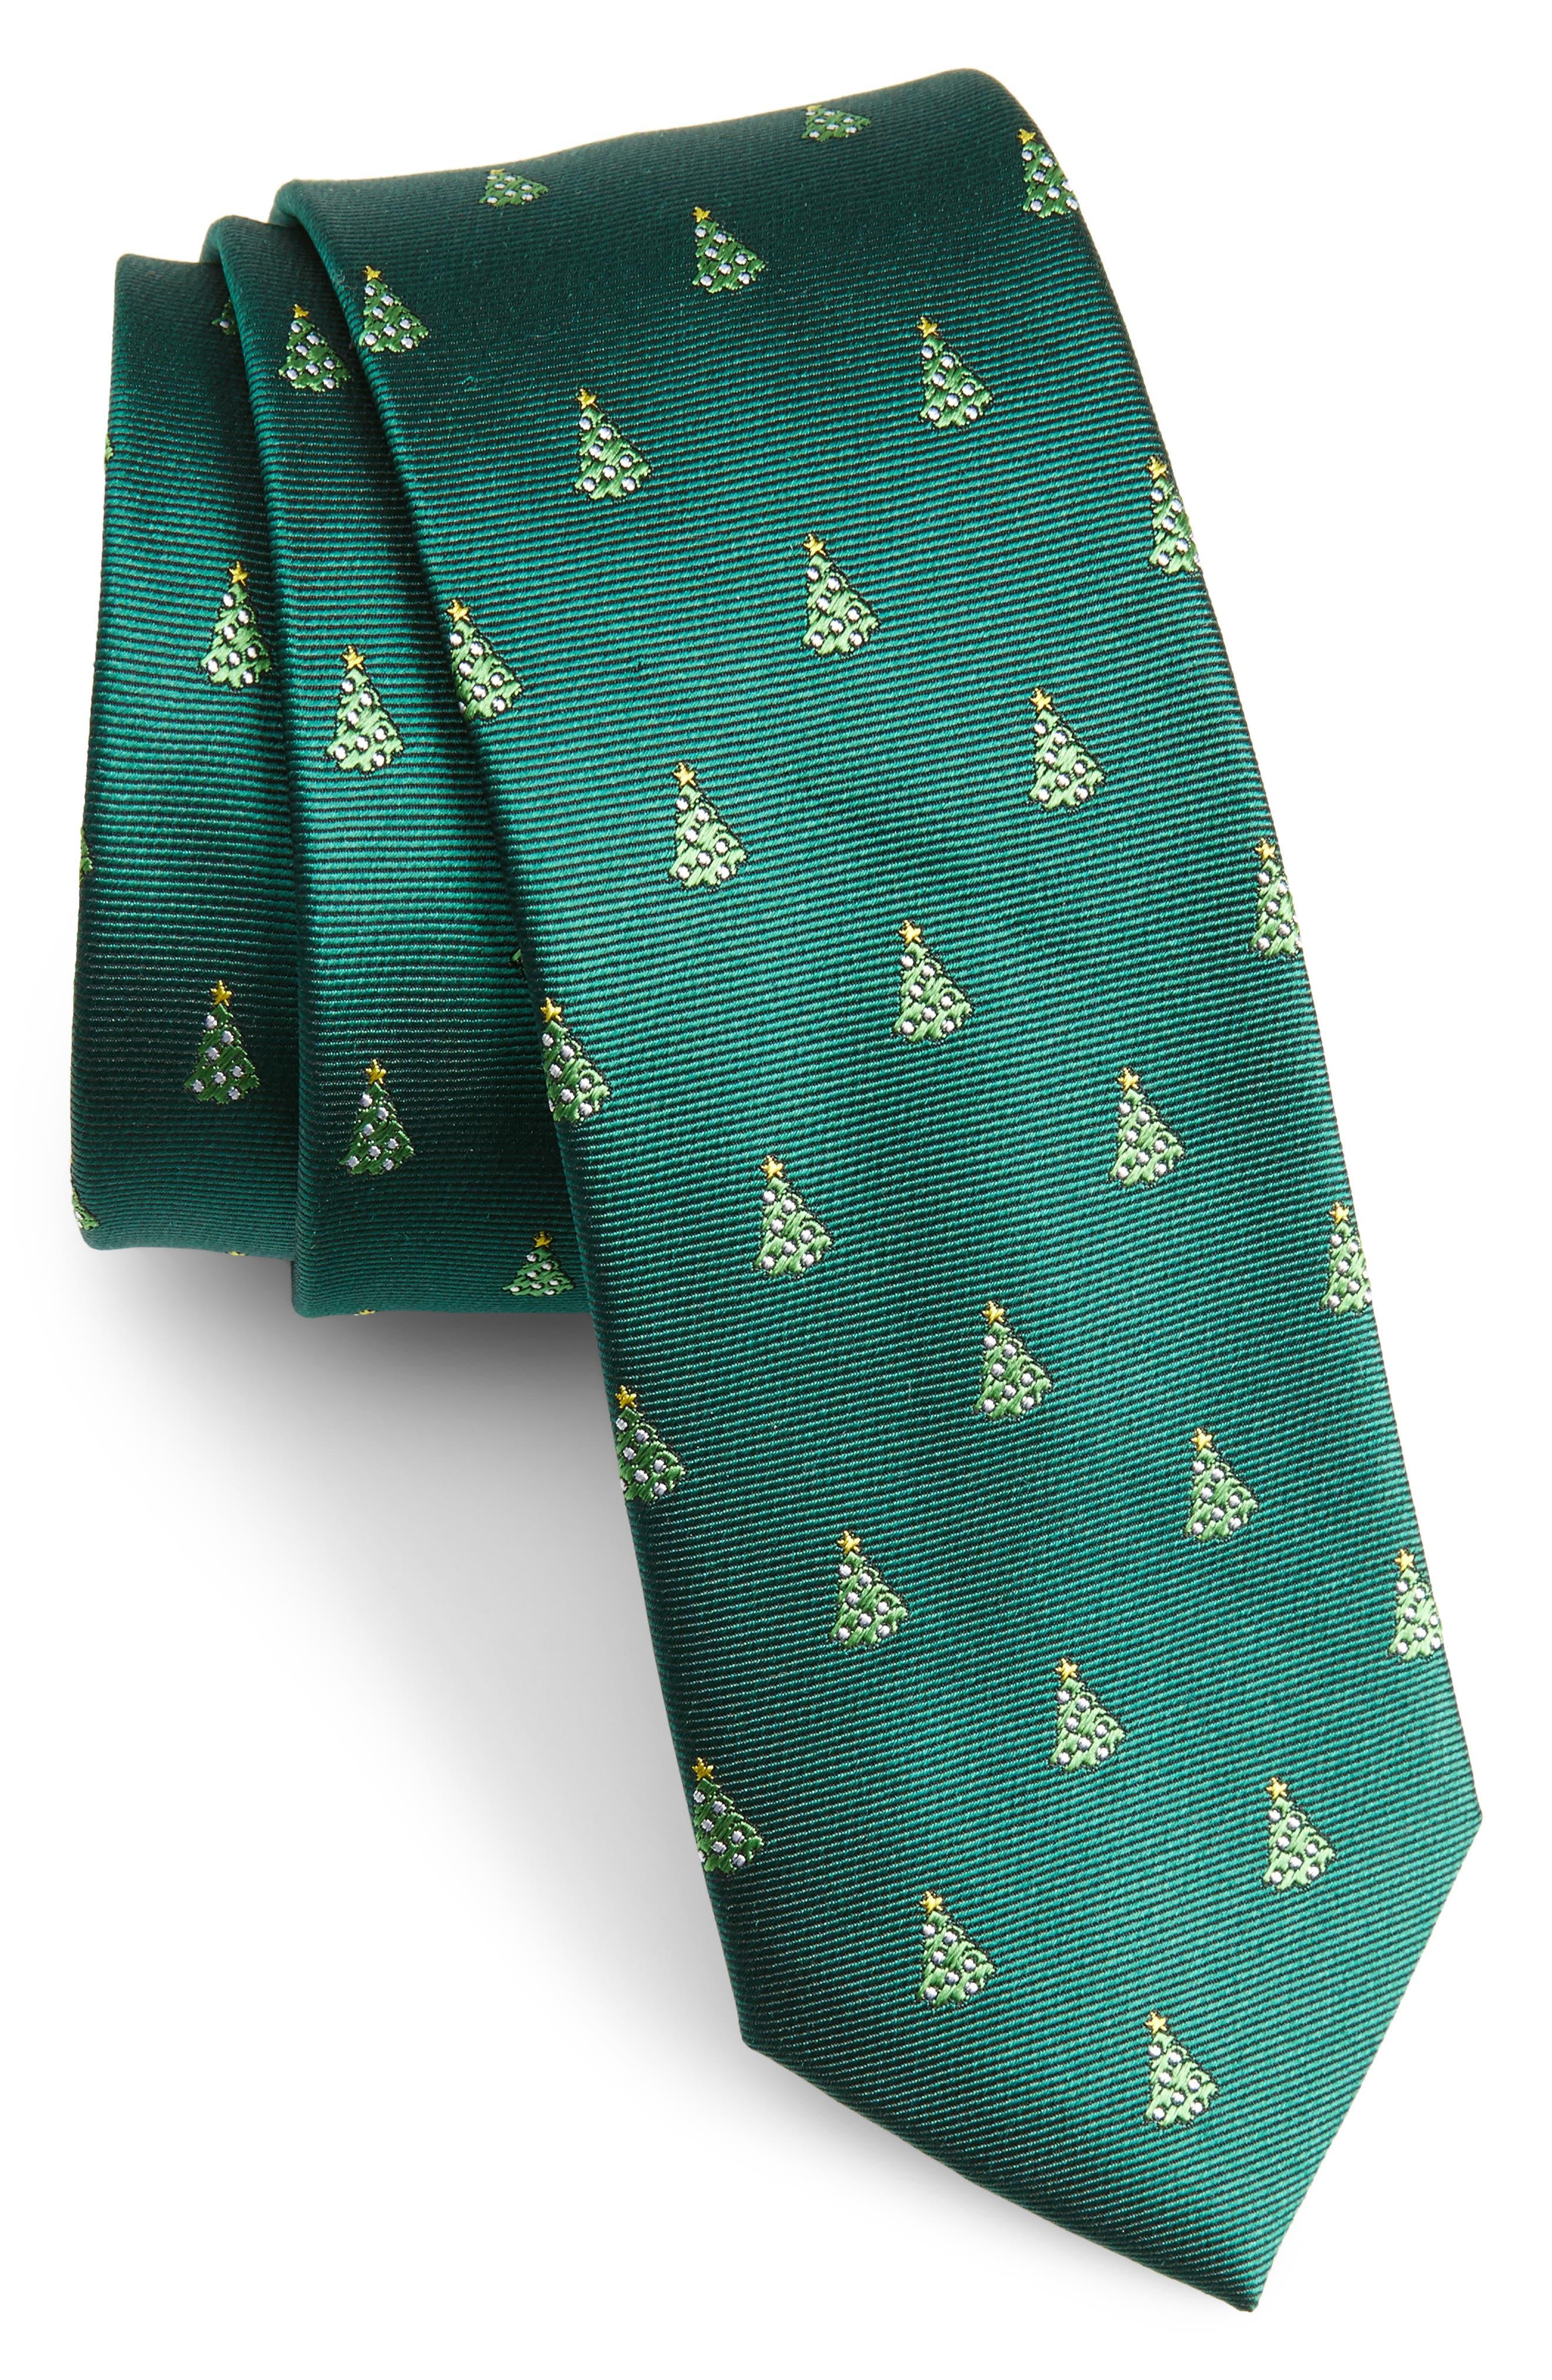 Main Image - The Tie Bar O Christmas Tree Silk Skinny Tie